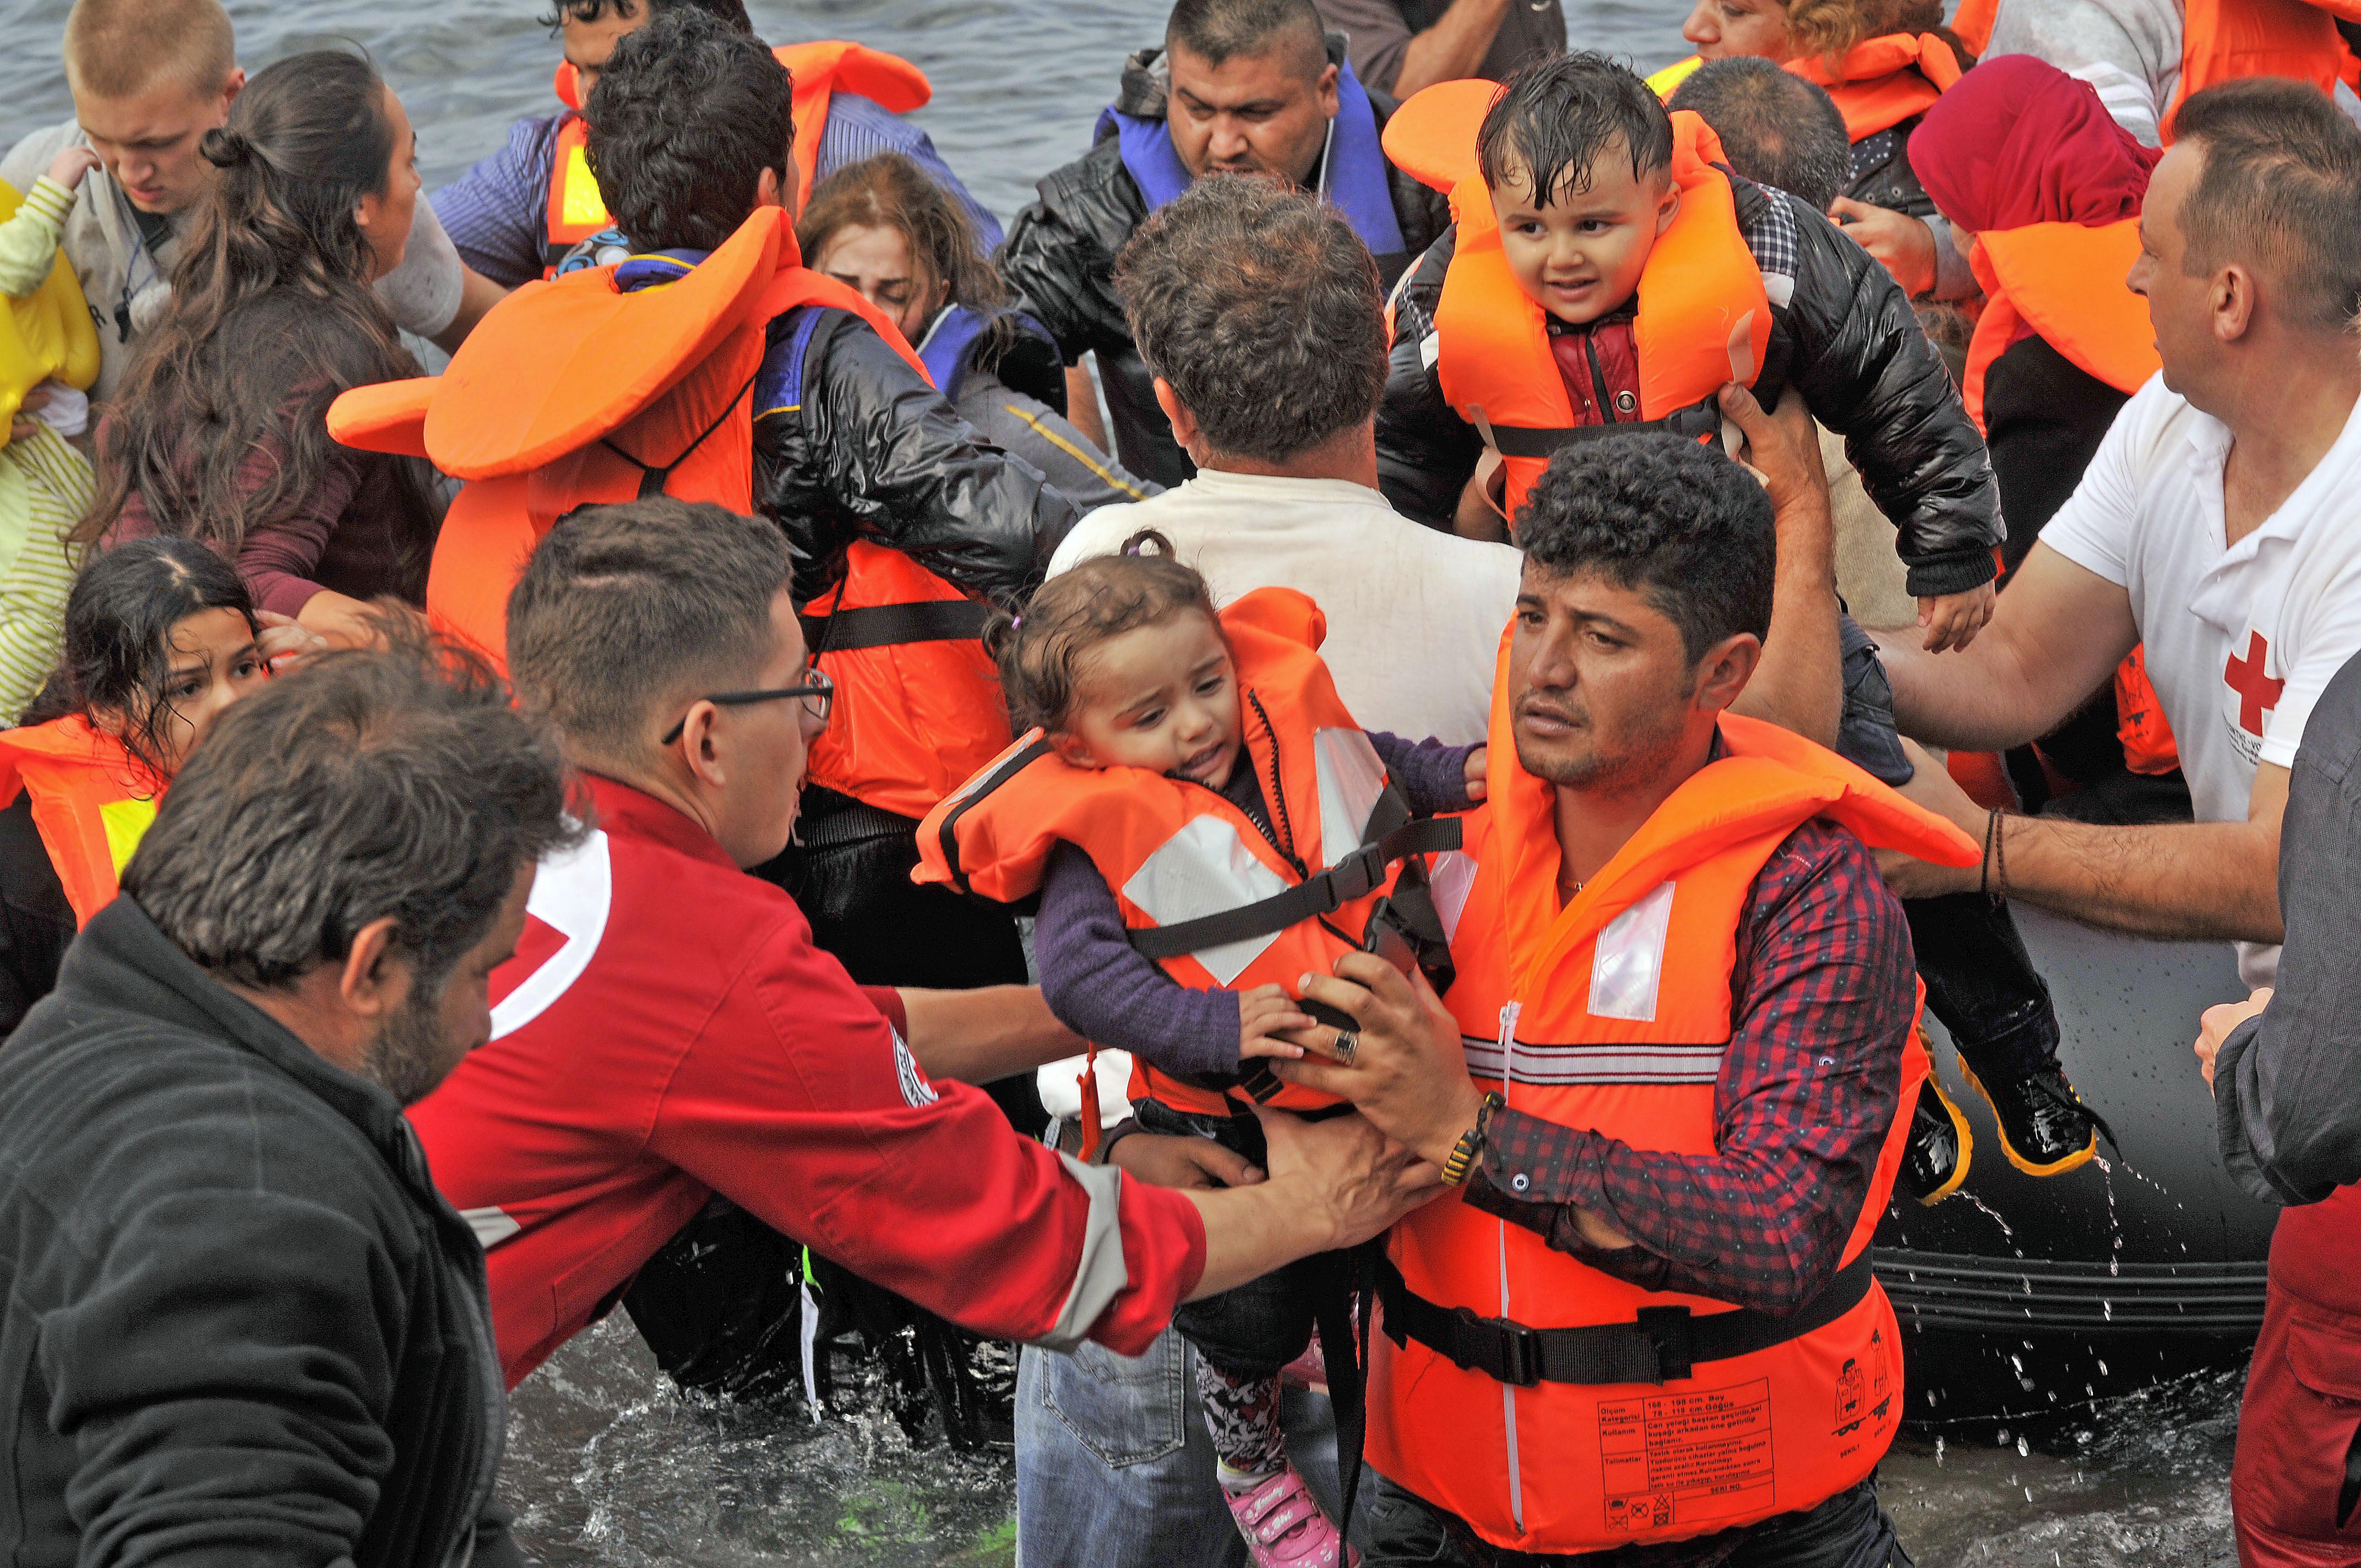 لاجئون سوريون على شاطئ يوناني بعد عبورهم البحر المتوسط